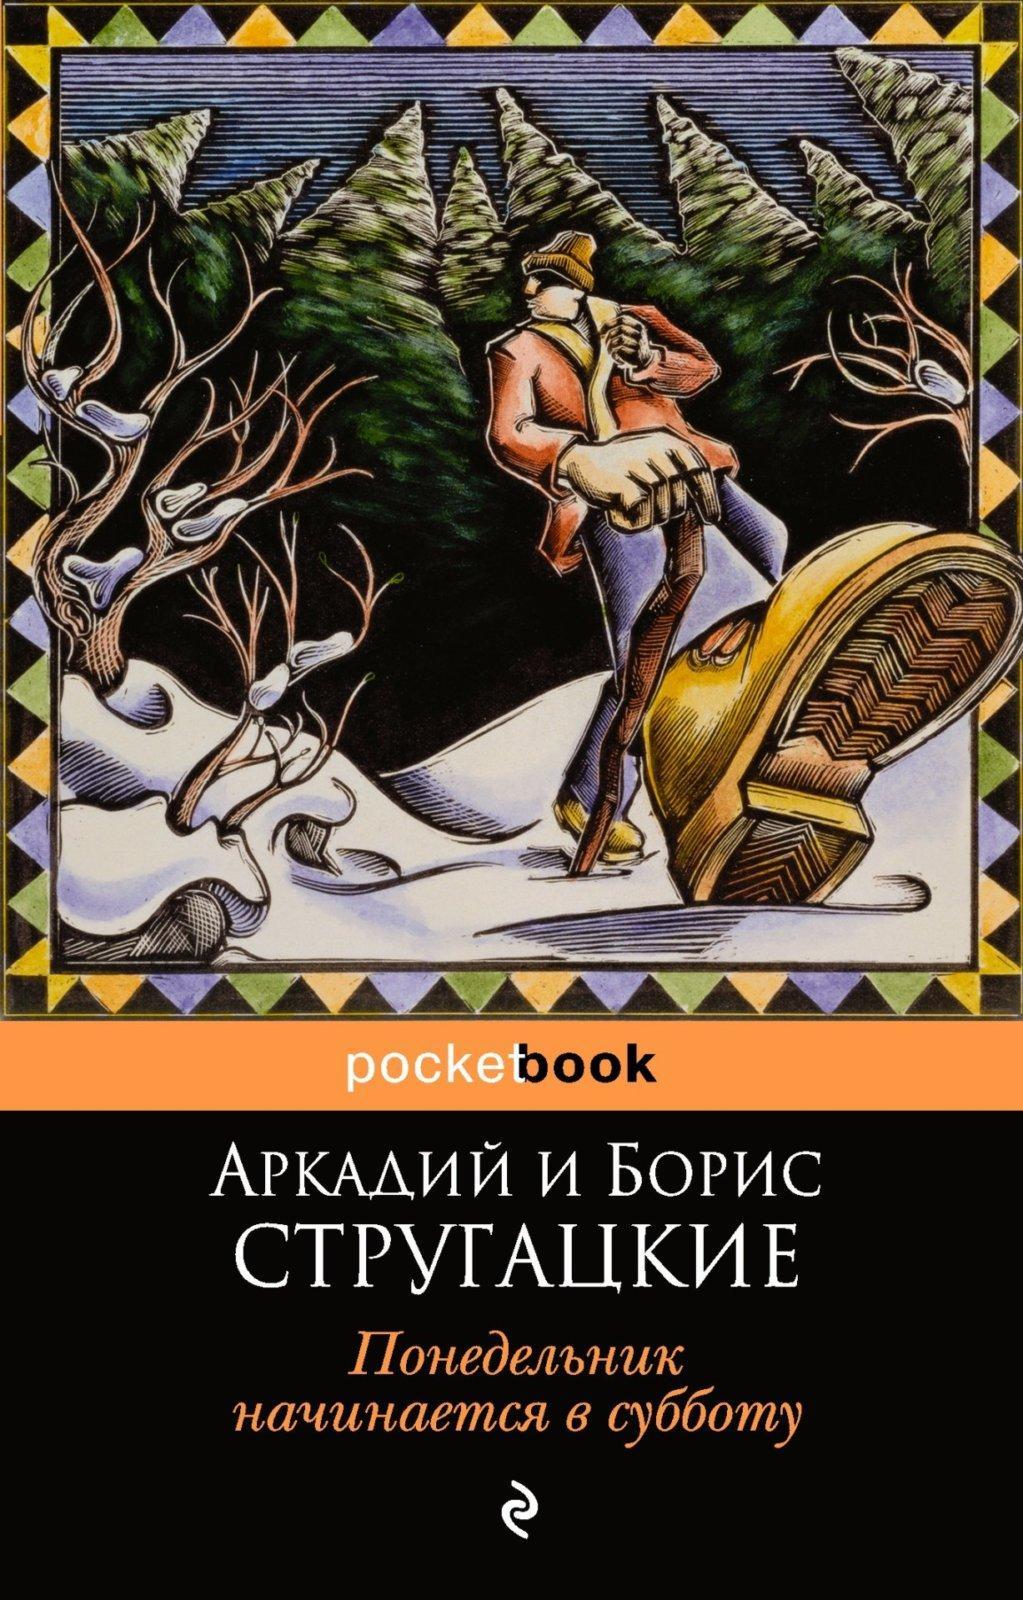 Книга Аркадия и Бориса Стругацких «Понедельник начинается в субботу»